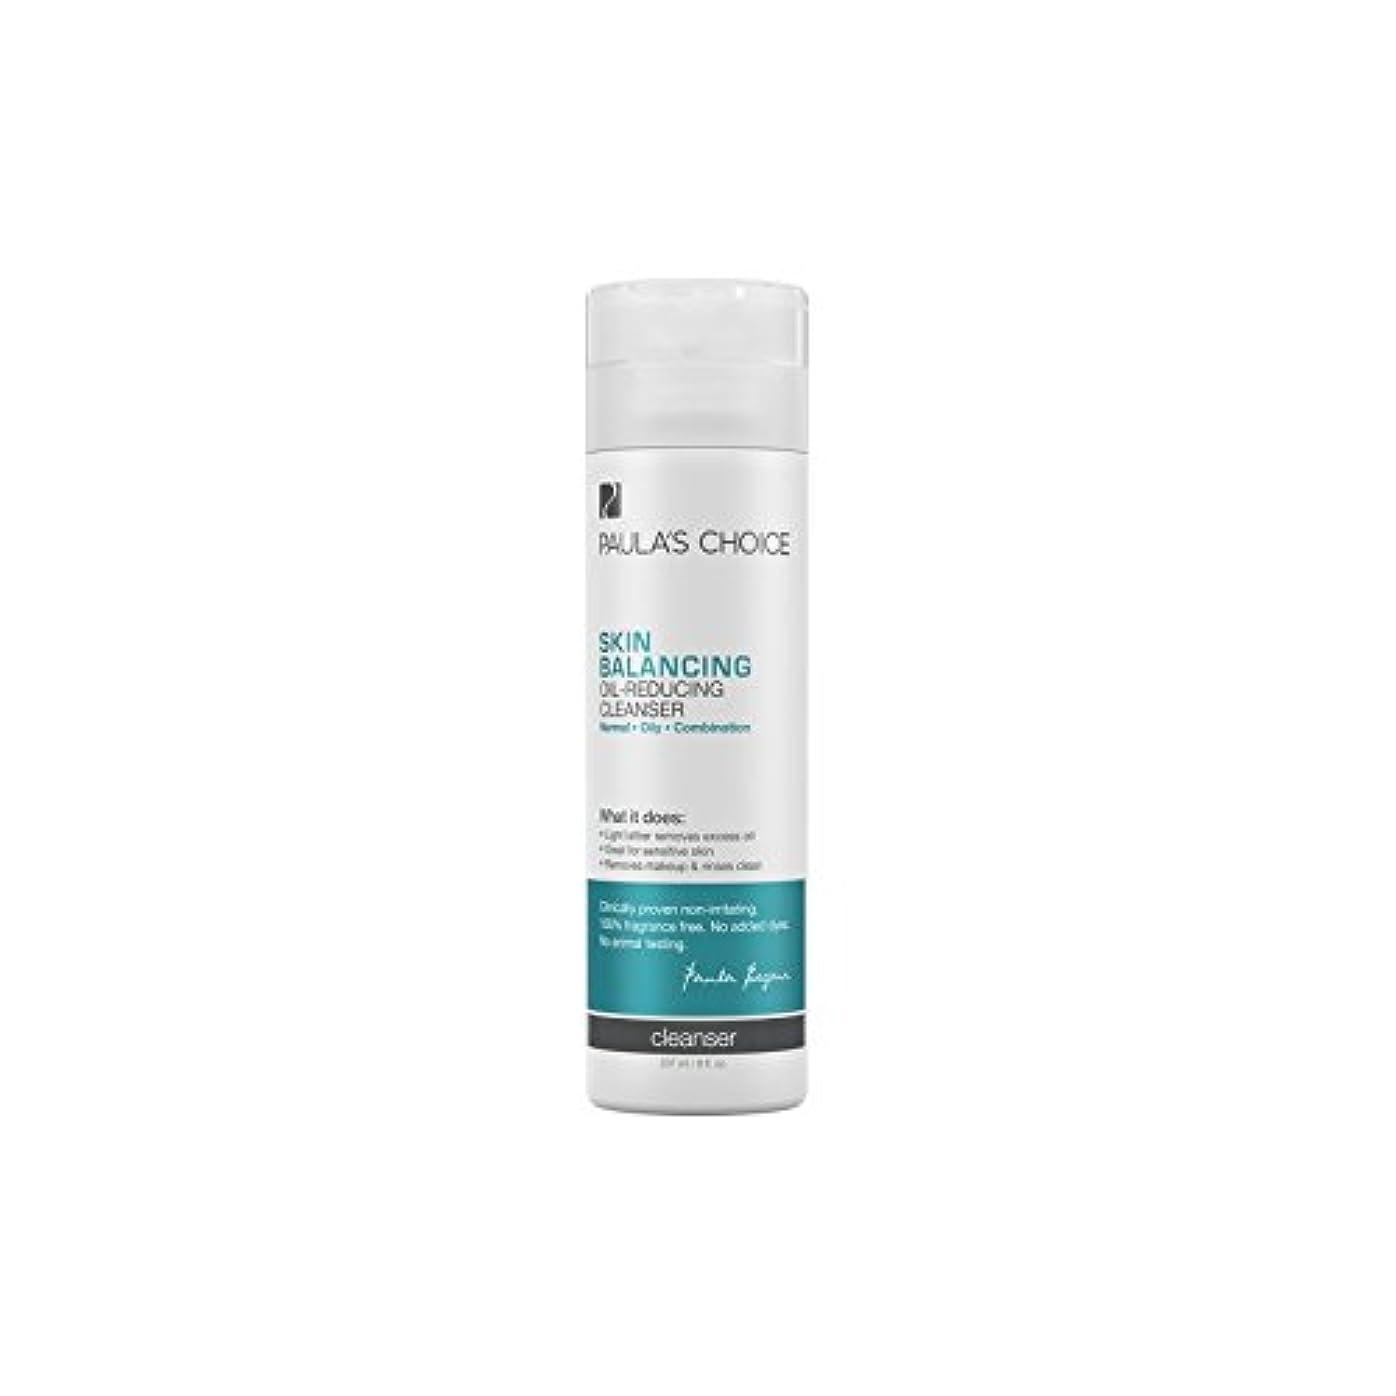 復讐バラ色事前にポーラチョイスの肌のバランスオイル低減クレンザー(237ミリリットル) x2 - Paula's Choice Skin Balancing Oil-Reducing Cleanser (237ml) (Pack of 2) [並行輸入品]